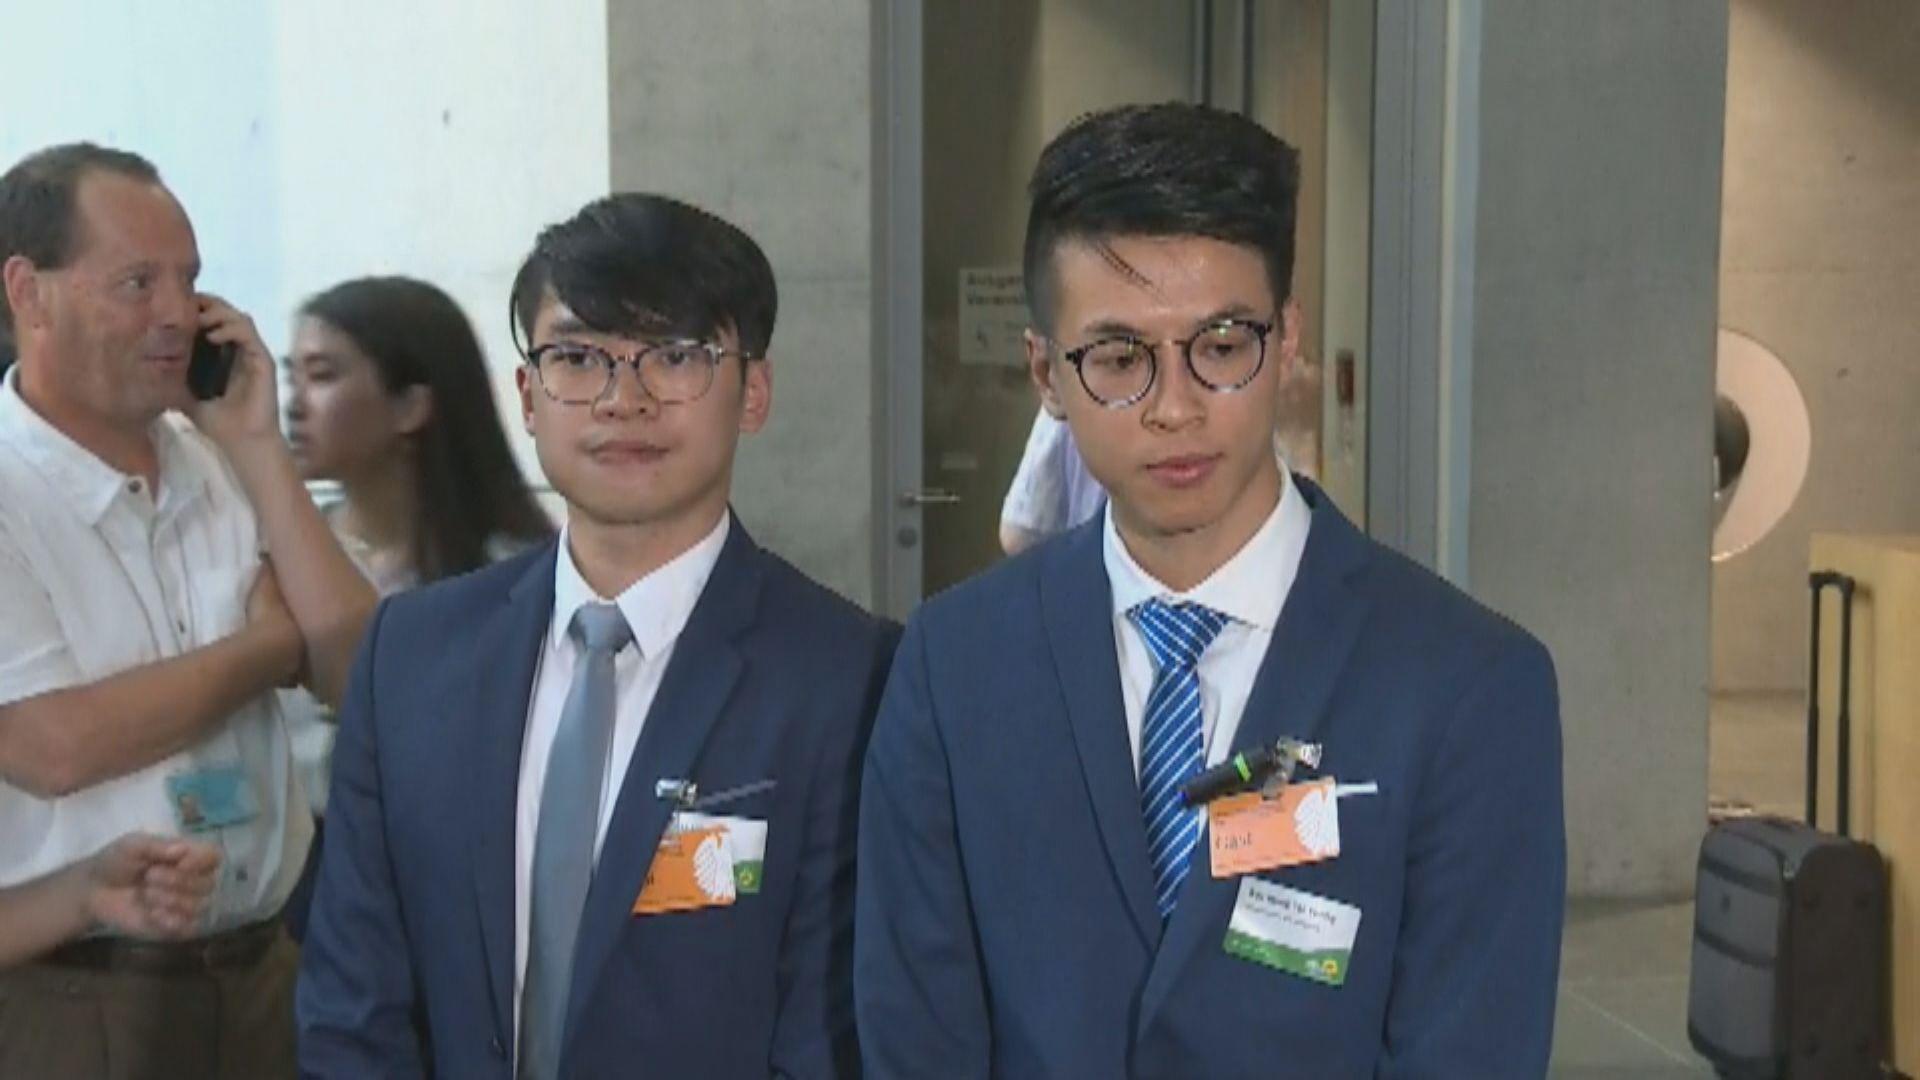 黃台仰︰棄保潛逃尋庇護因感被控暴動罪不公